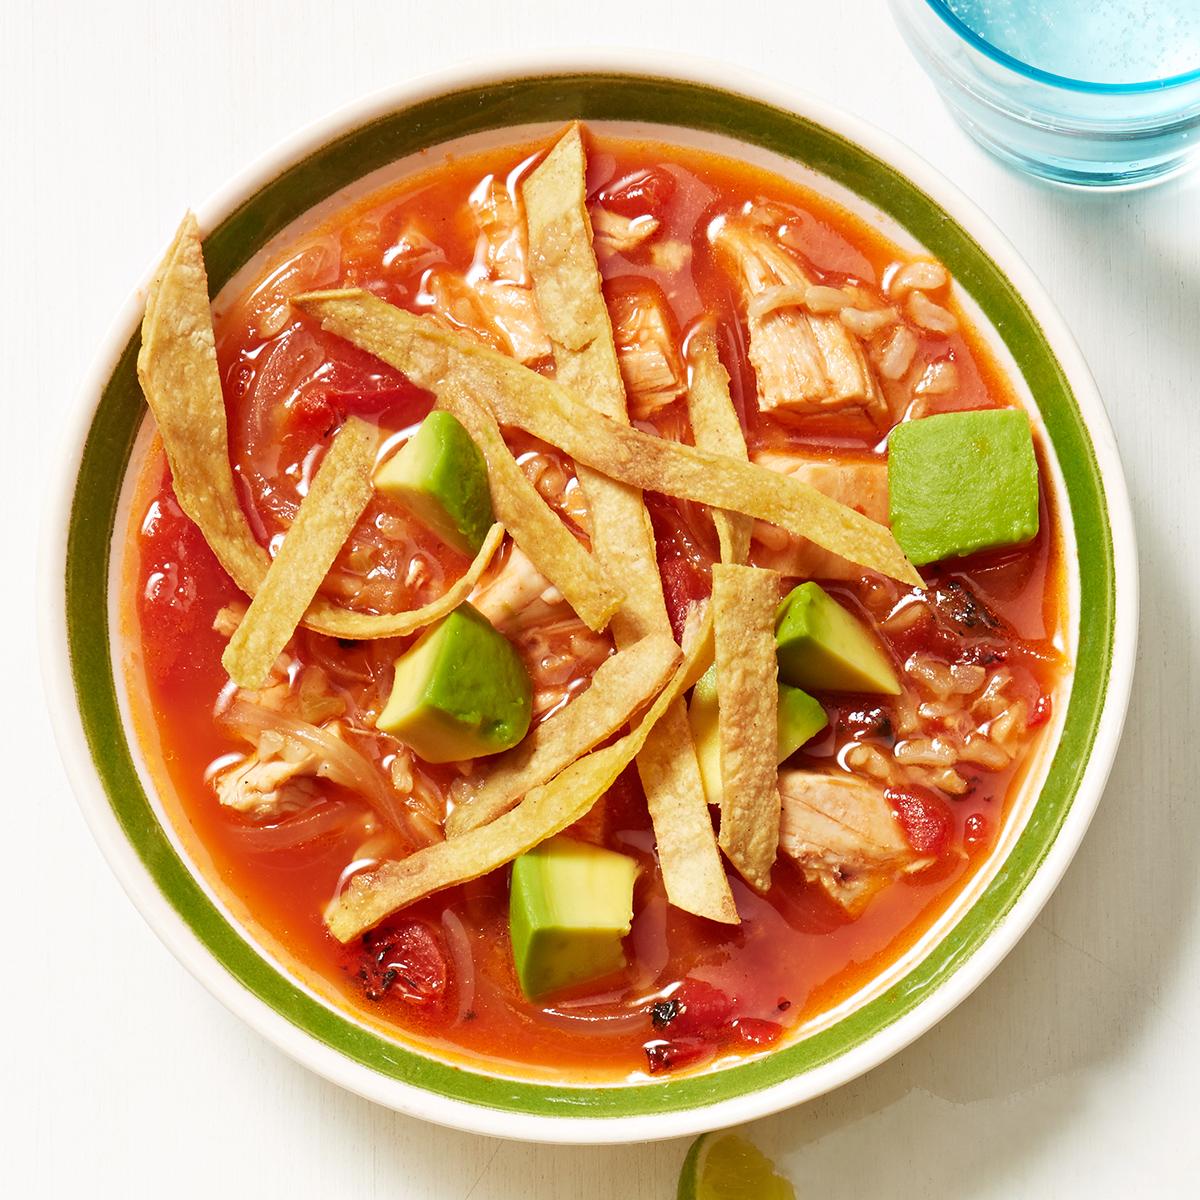 Tortilla Soup with Lime & Avocado